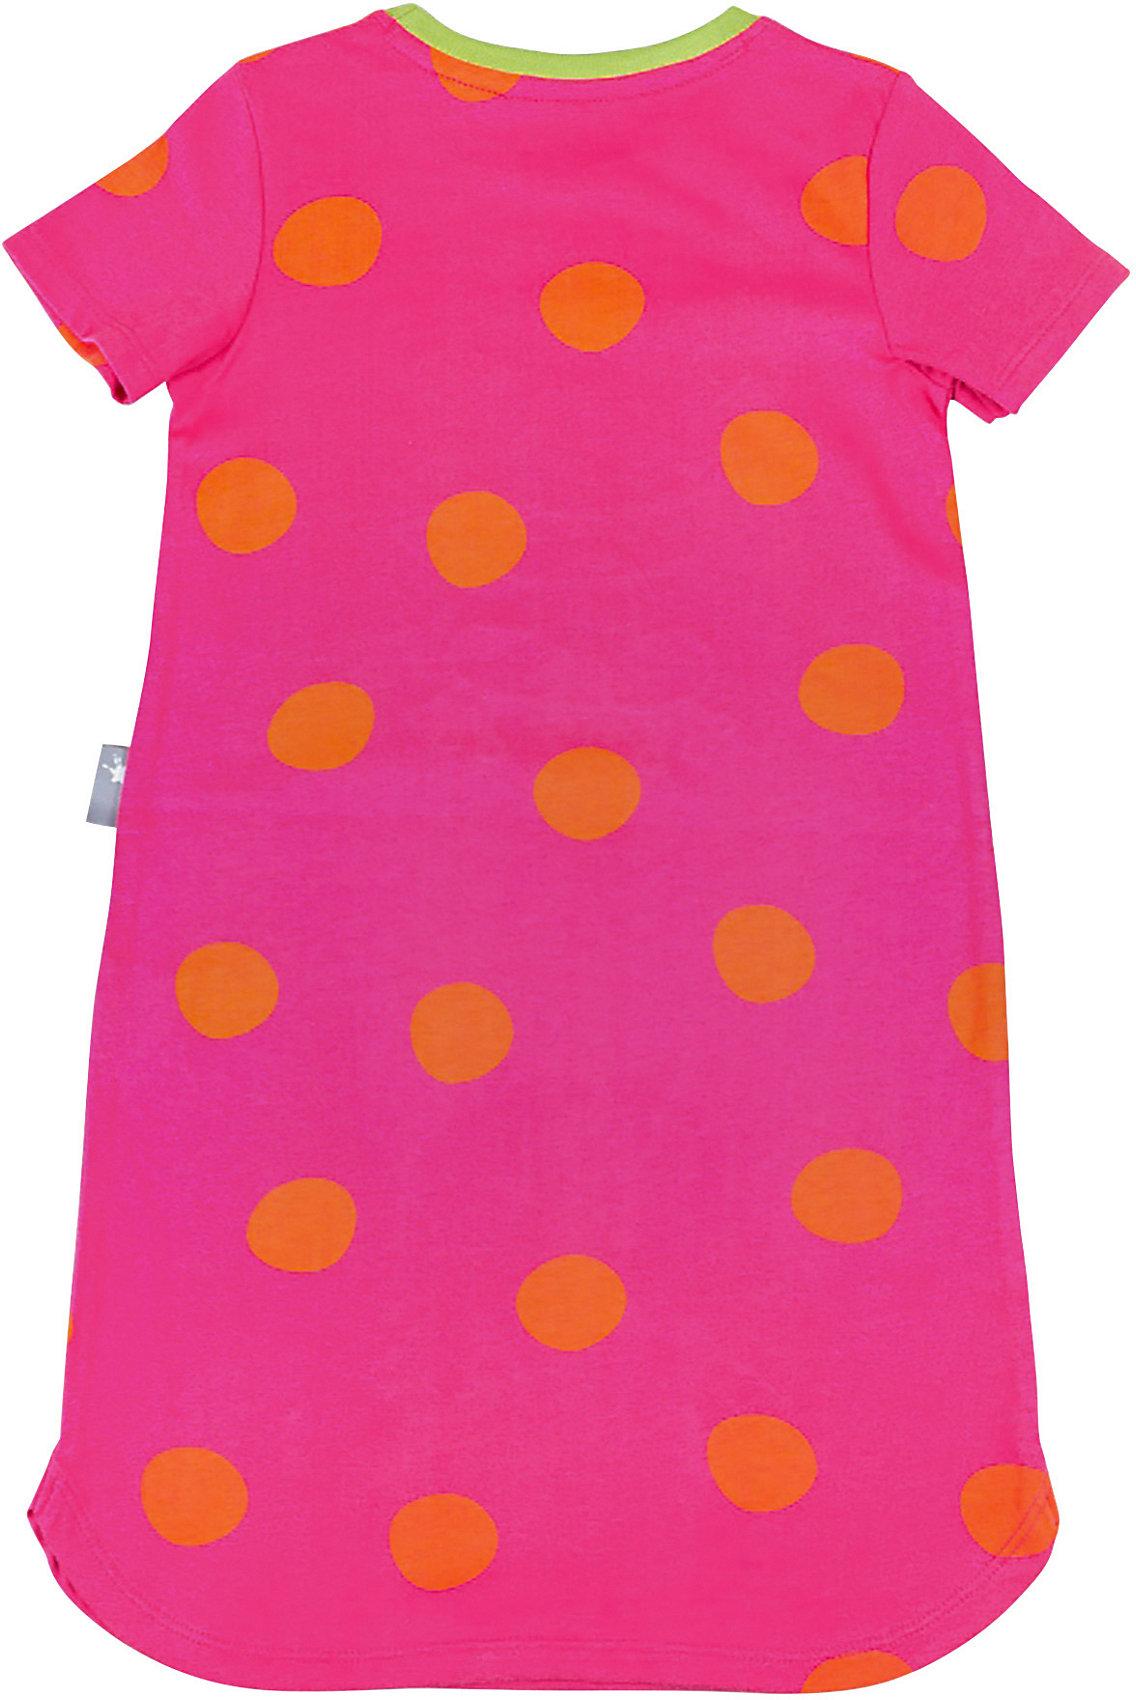 Neu sigikid Kinder Nachthemd 11096680 für Mädchen pink